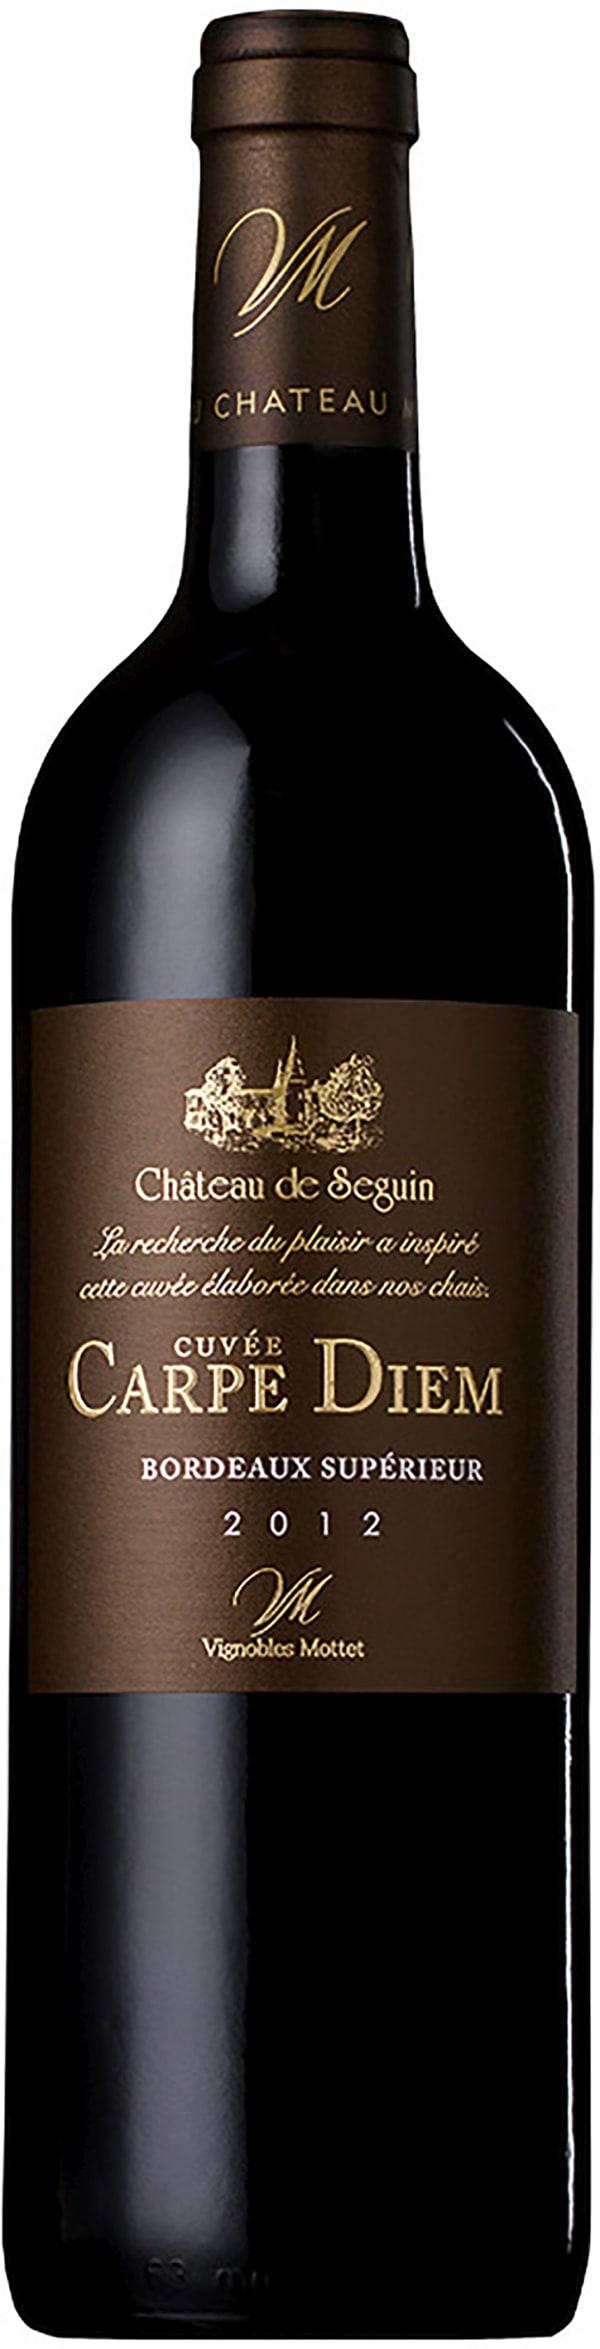 Château de Seguin Cuvée Carpe Diem 2013